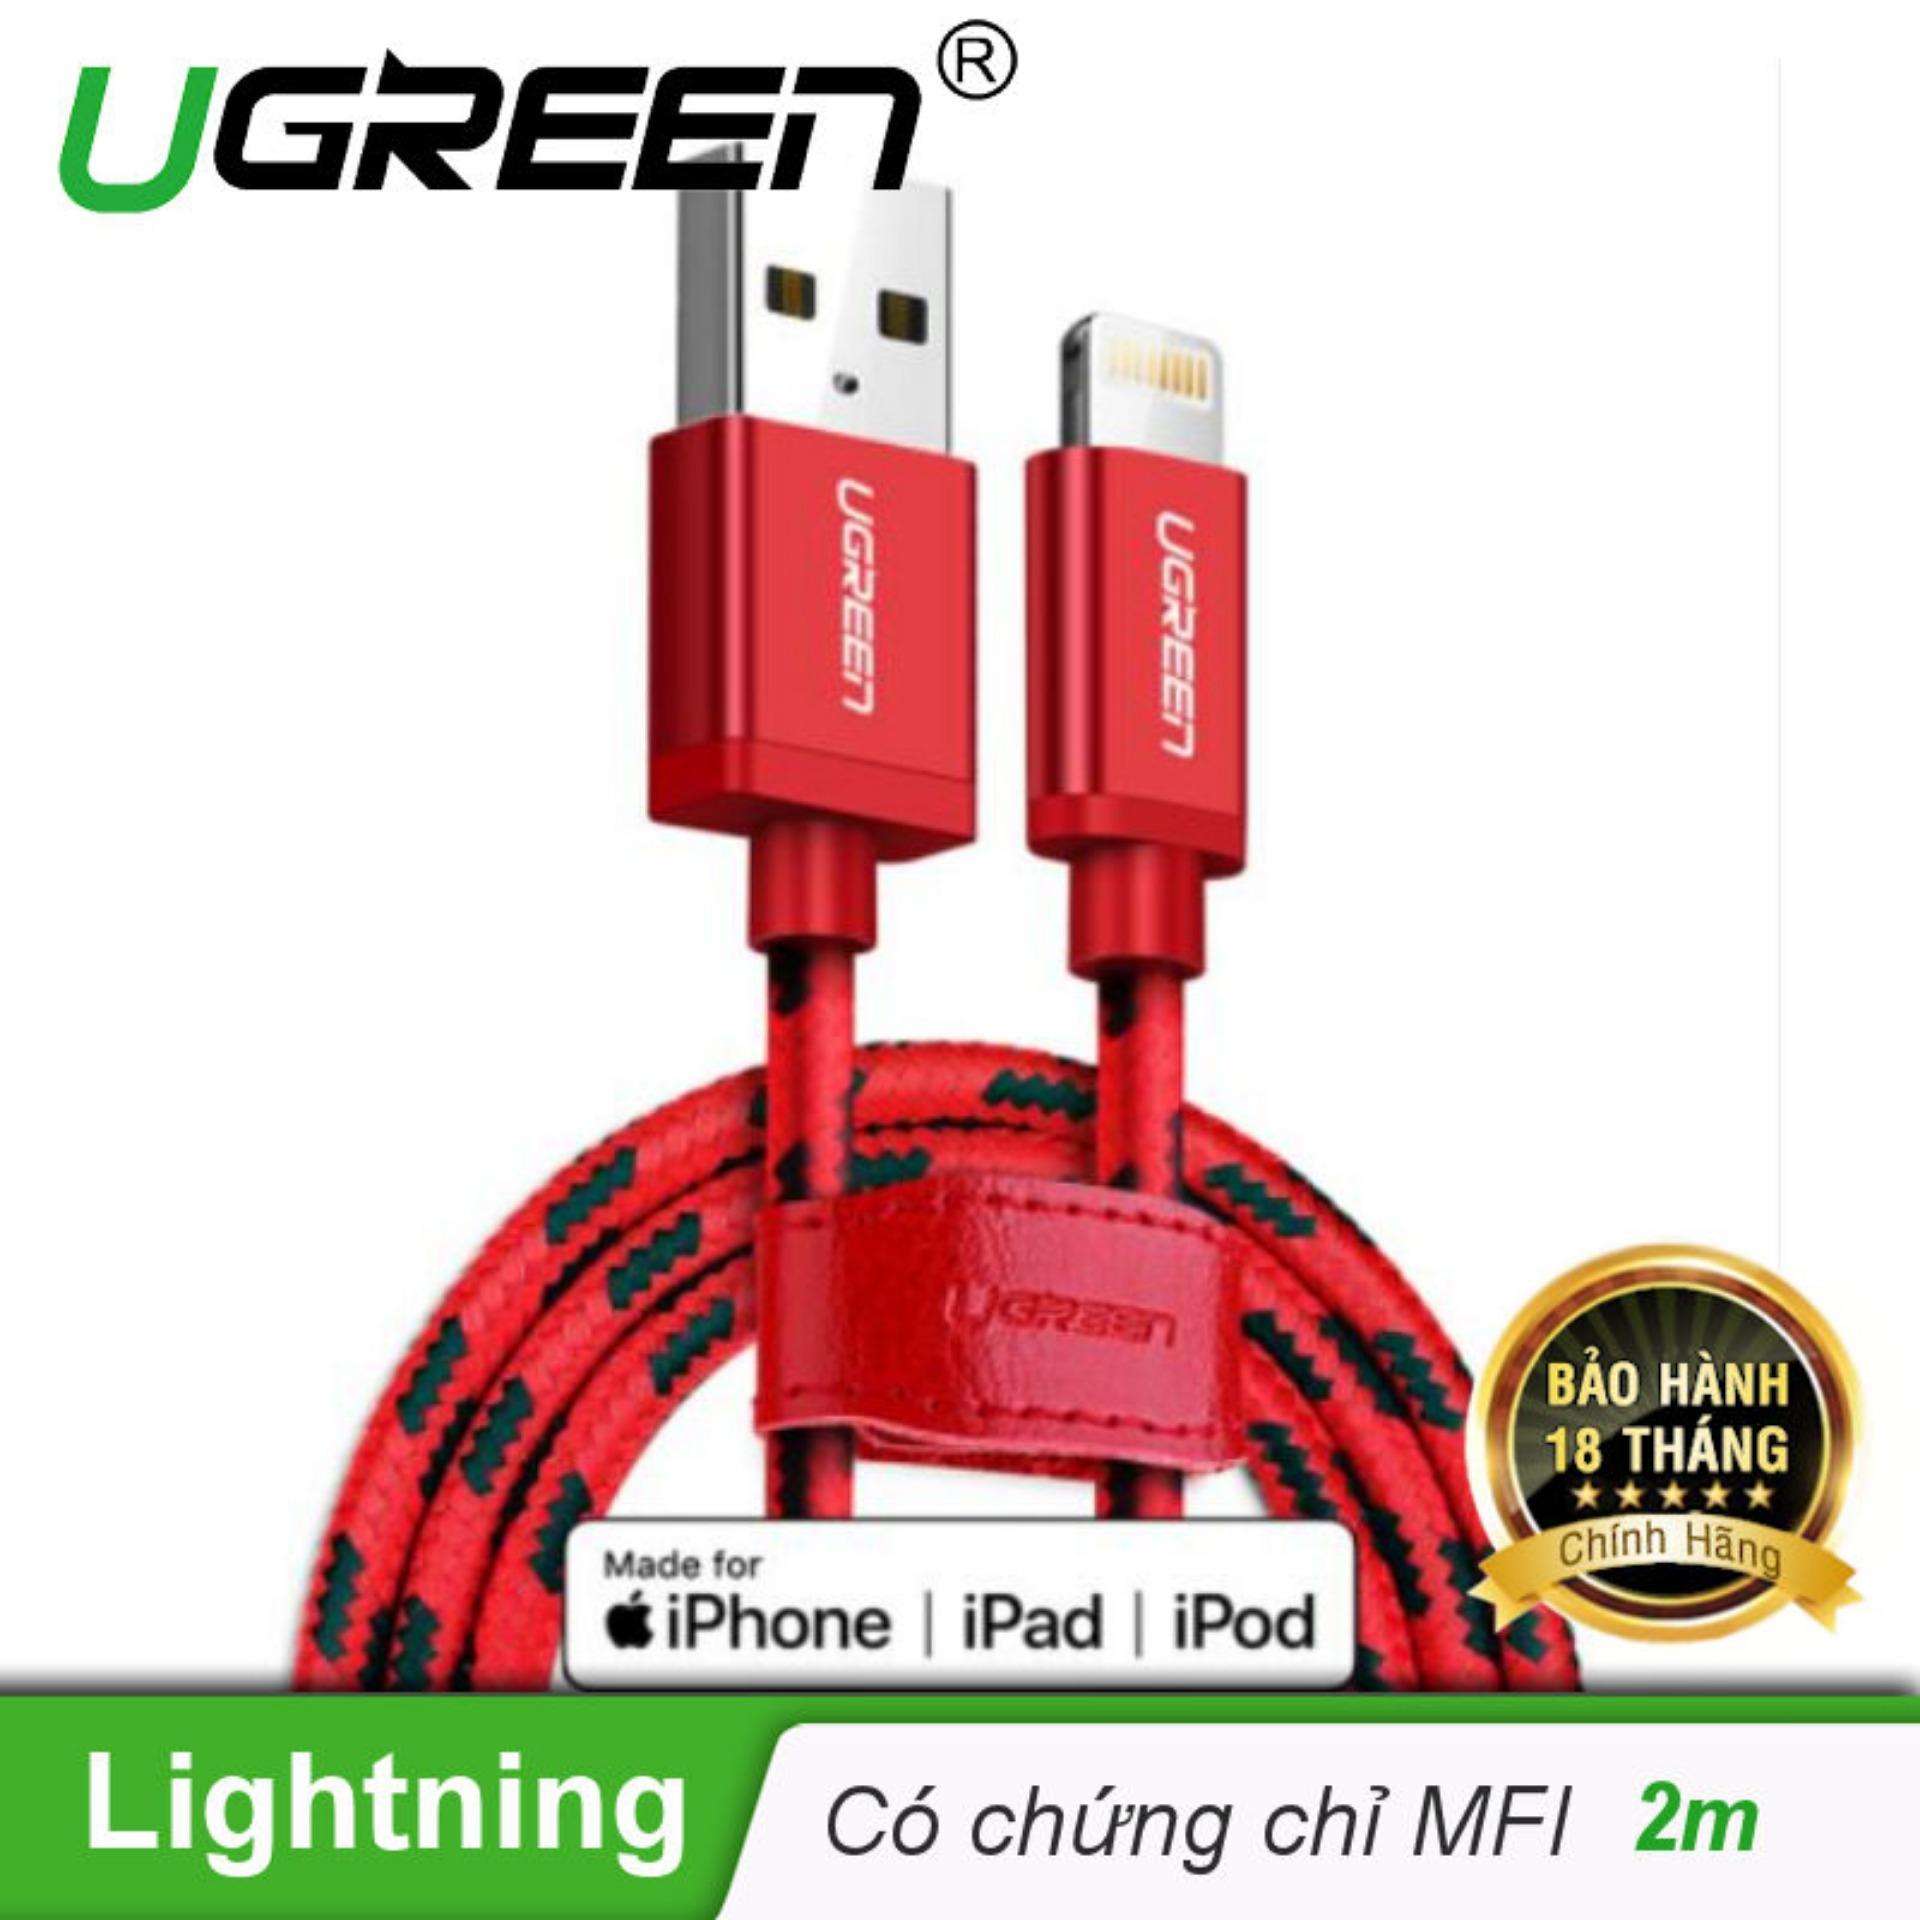 Ôn Tập Trên Day Usb 2 Sang Usb Lighting Vỏ Bọc Lưới Chuẩn Mfi Apple Dai 2M Ugreen Us247 40481 Hang Phan Phối Chinh Thức